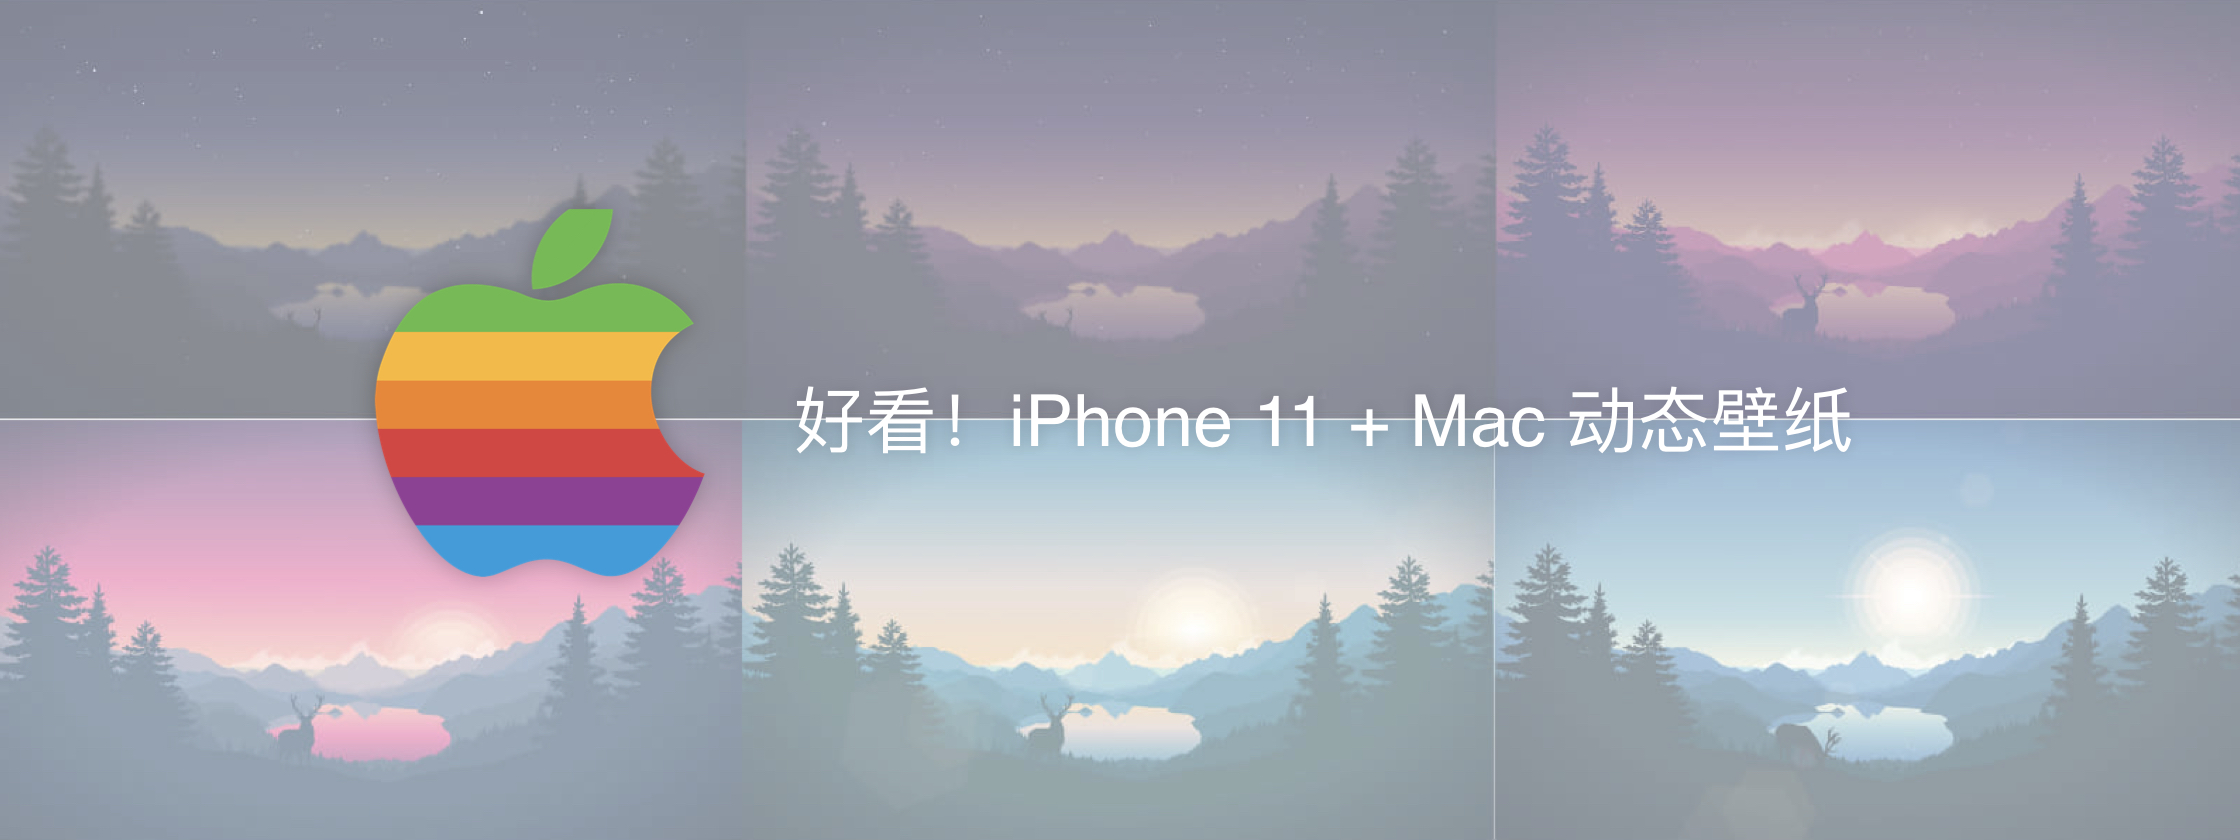 还没入手 iPhone 11?先来体验一发原生壁纸吧